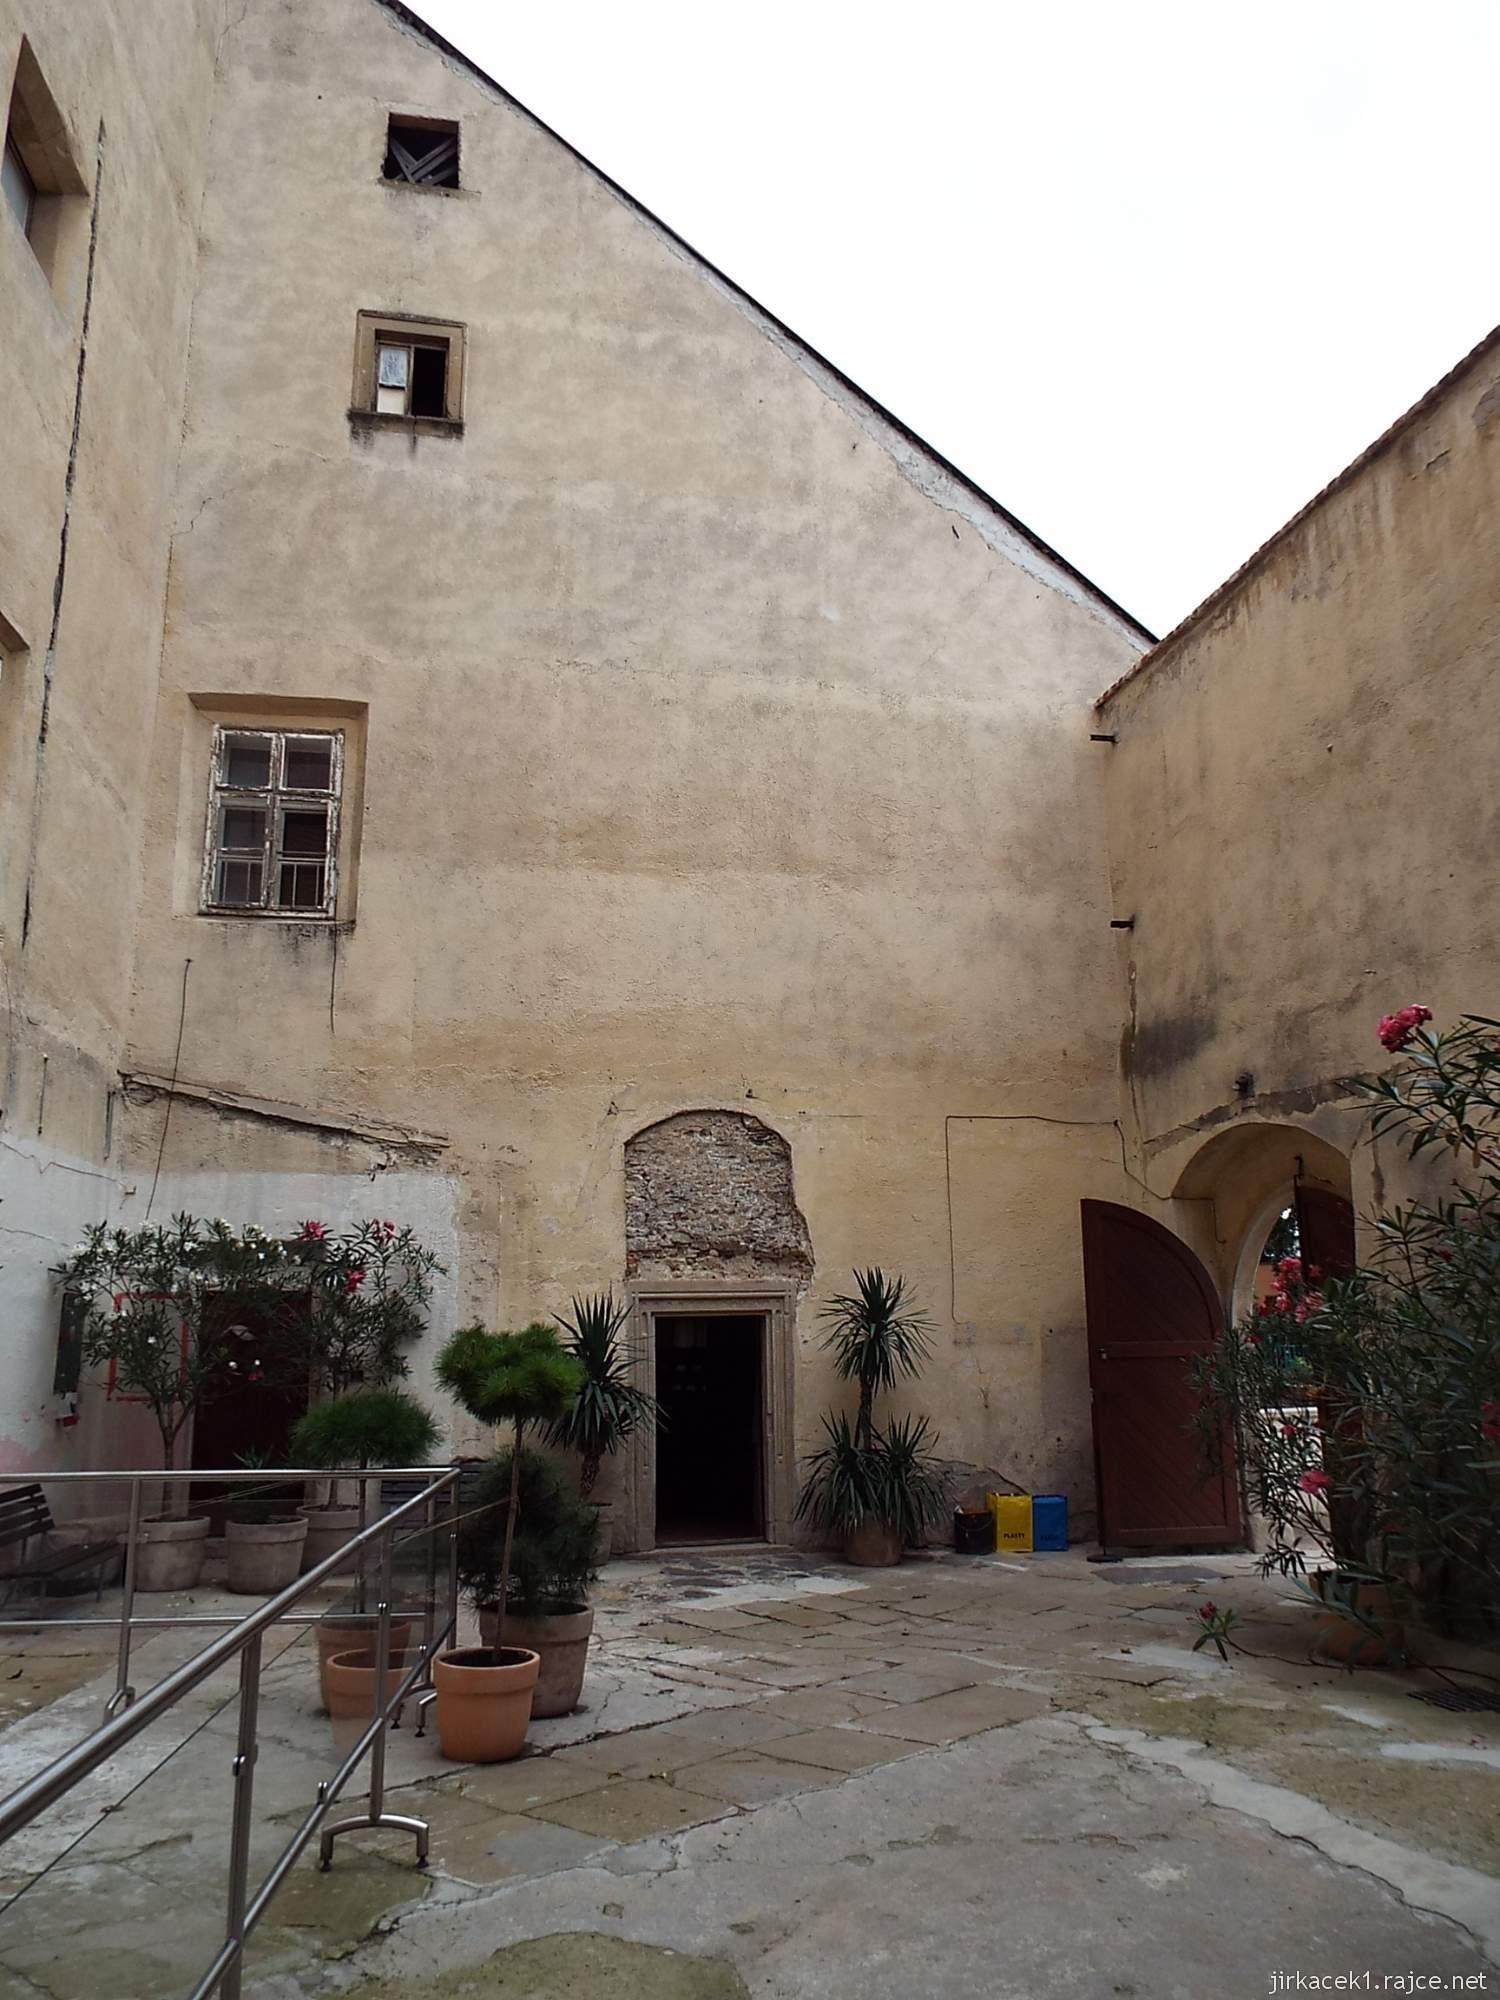 zámek Miroslav 13 - první nádvoří a dveře do stájí s výstavou cihel